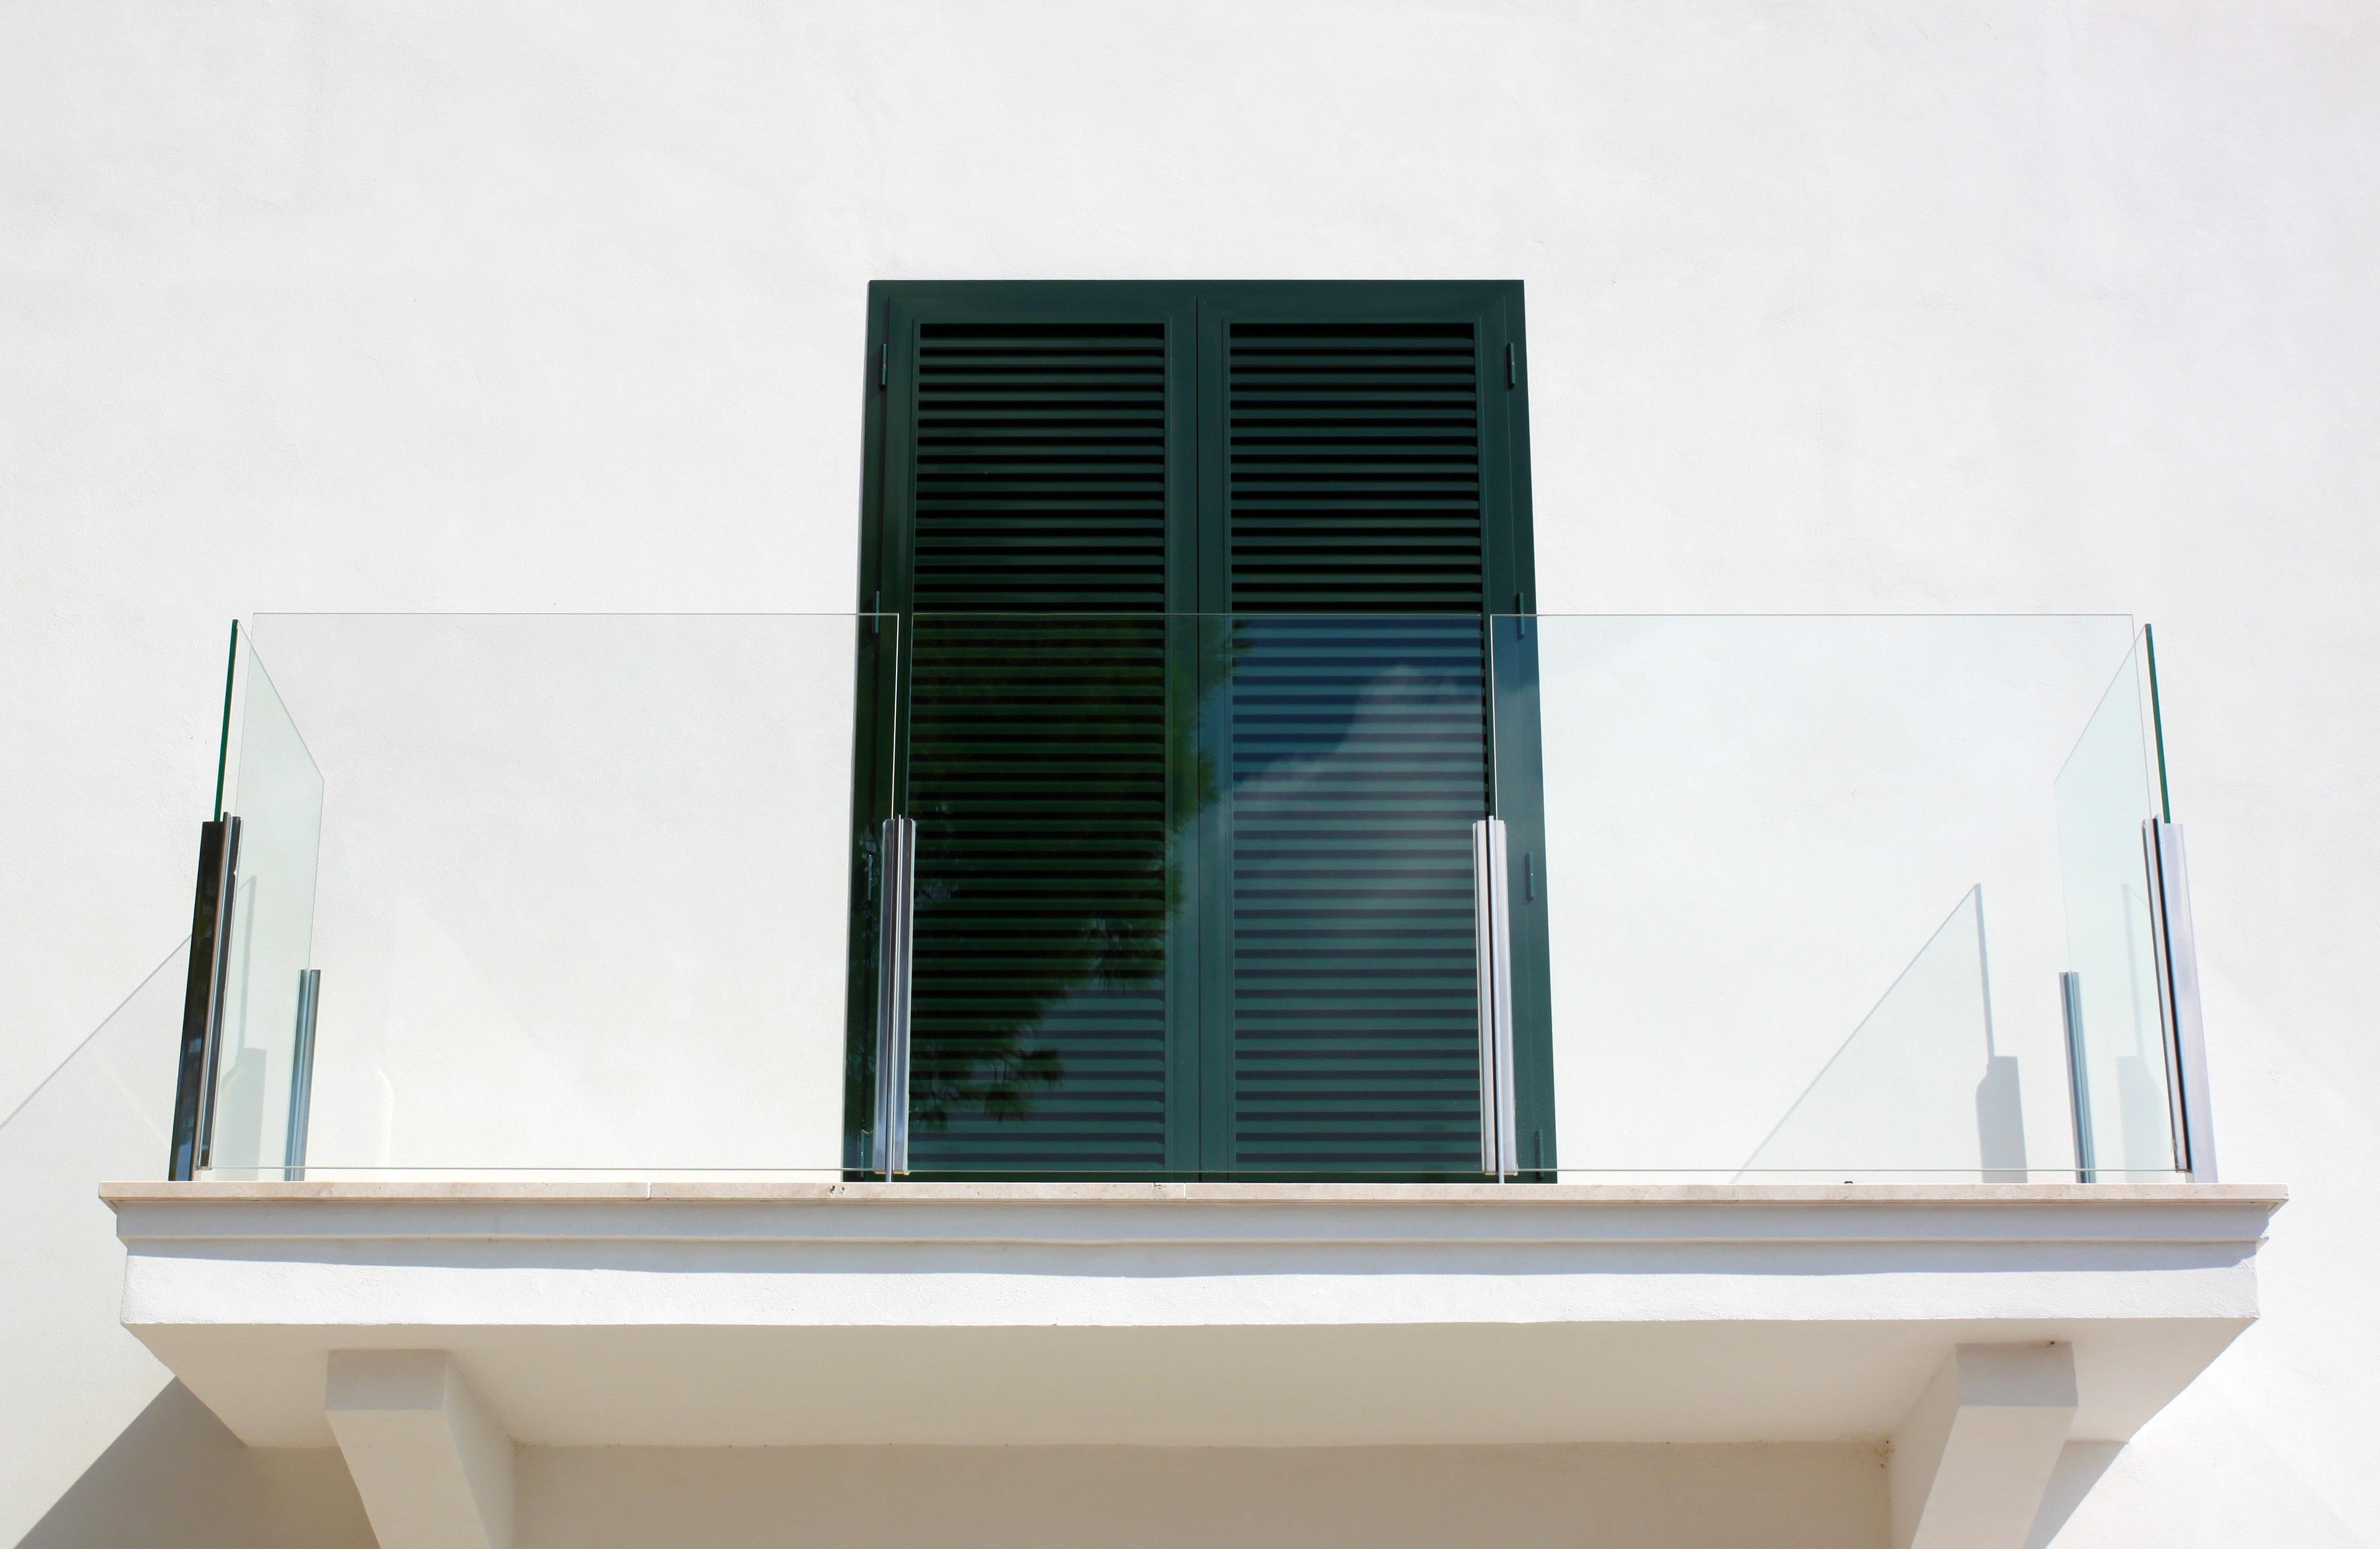 무료 이미지 : 건축물, 집, 창문, 유리, 건물, 벽, 발코니, 선반 ...